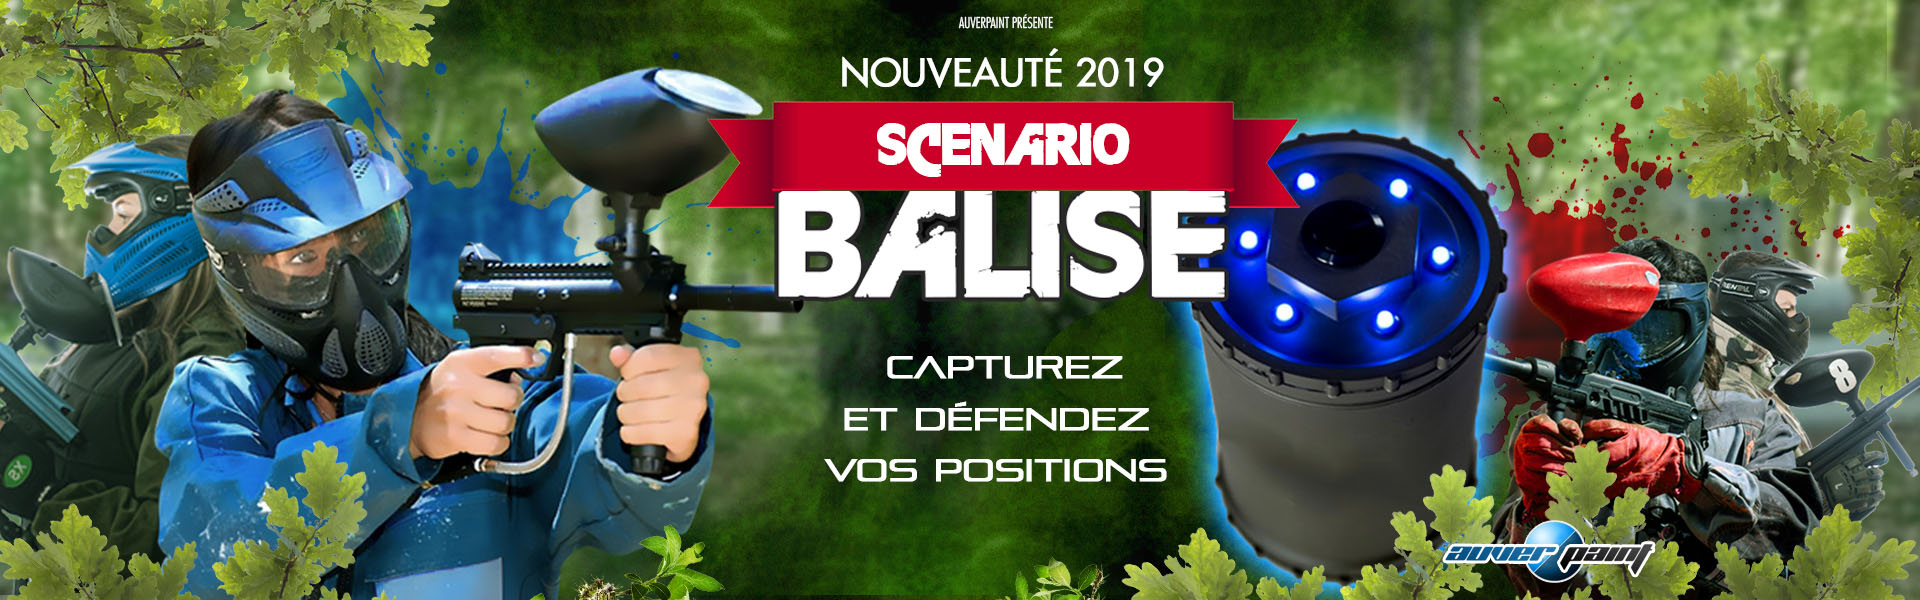 Balise1